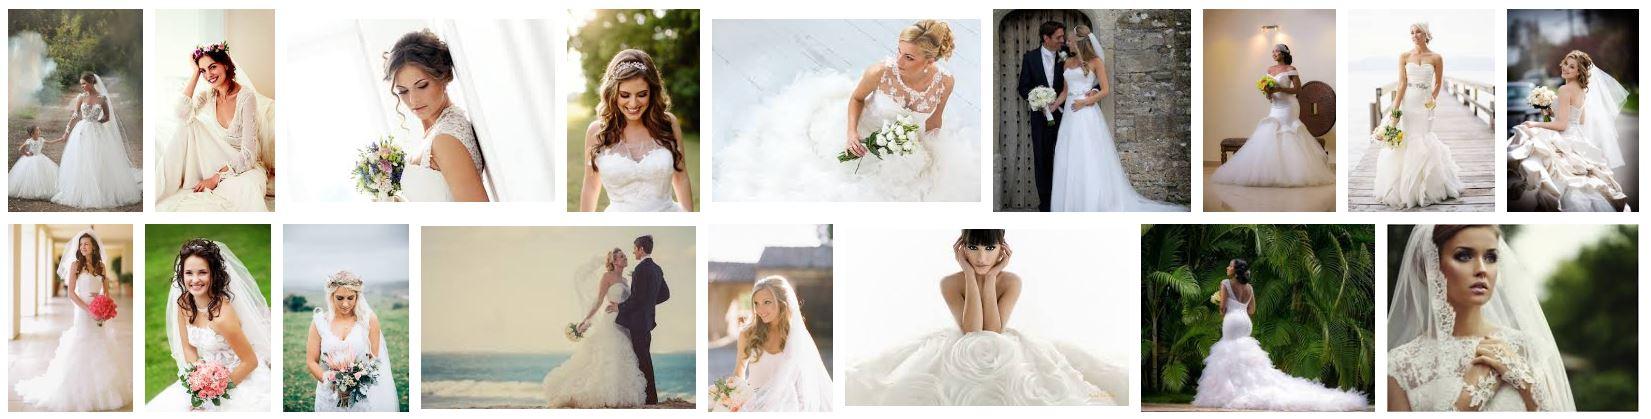 Bridal Vision